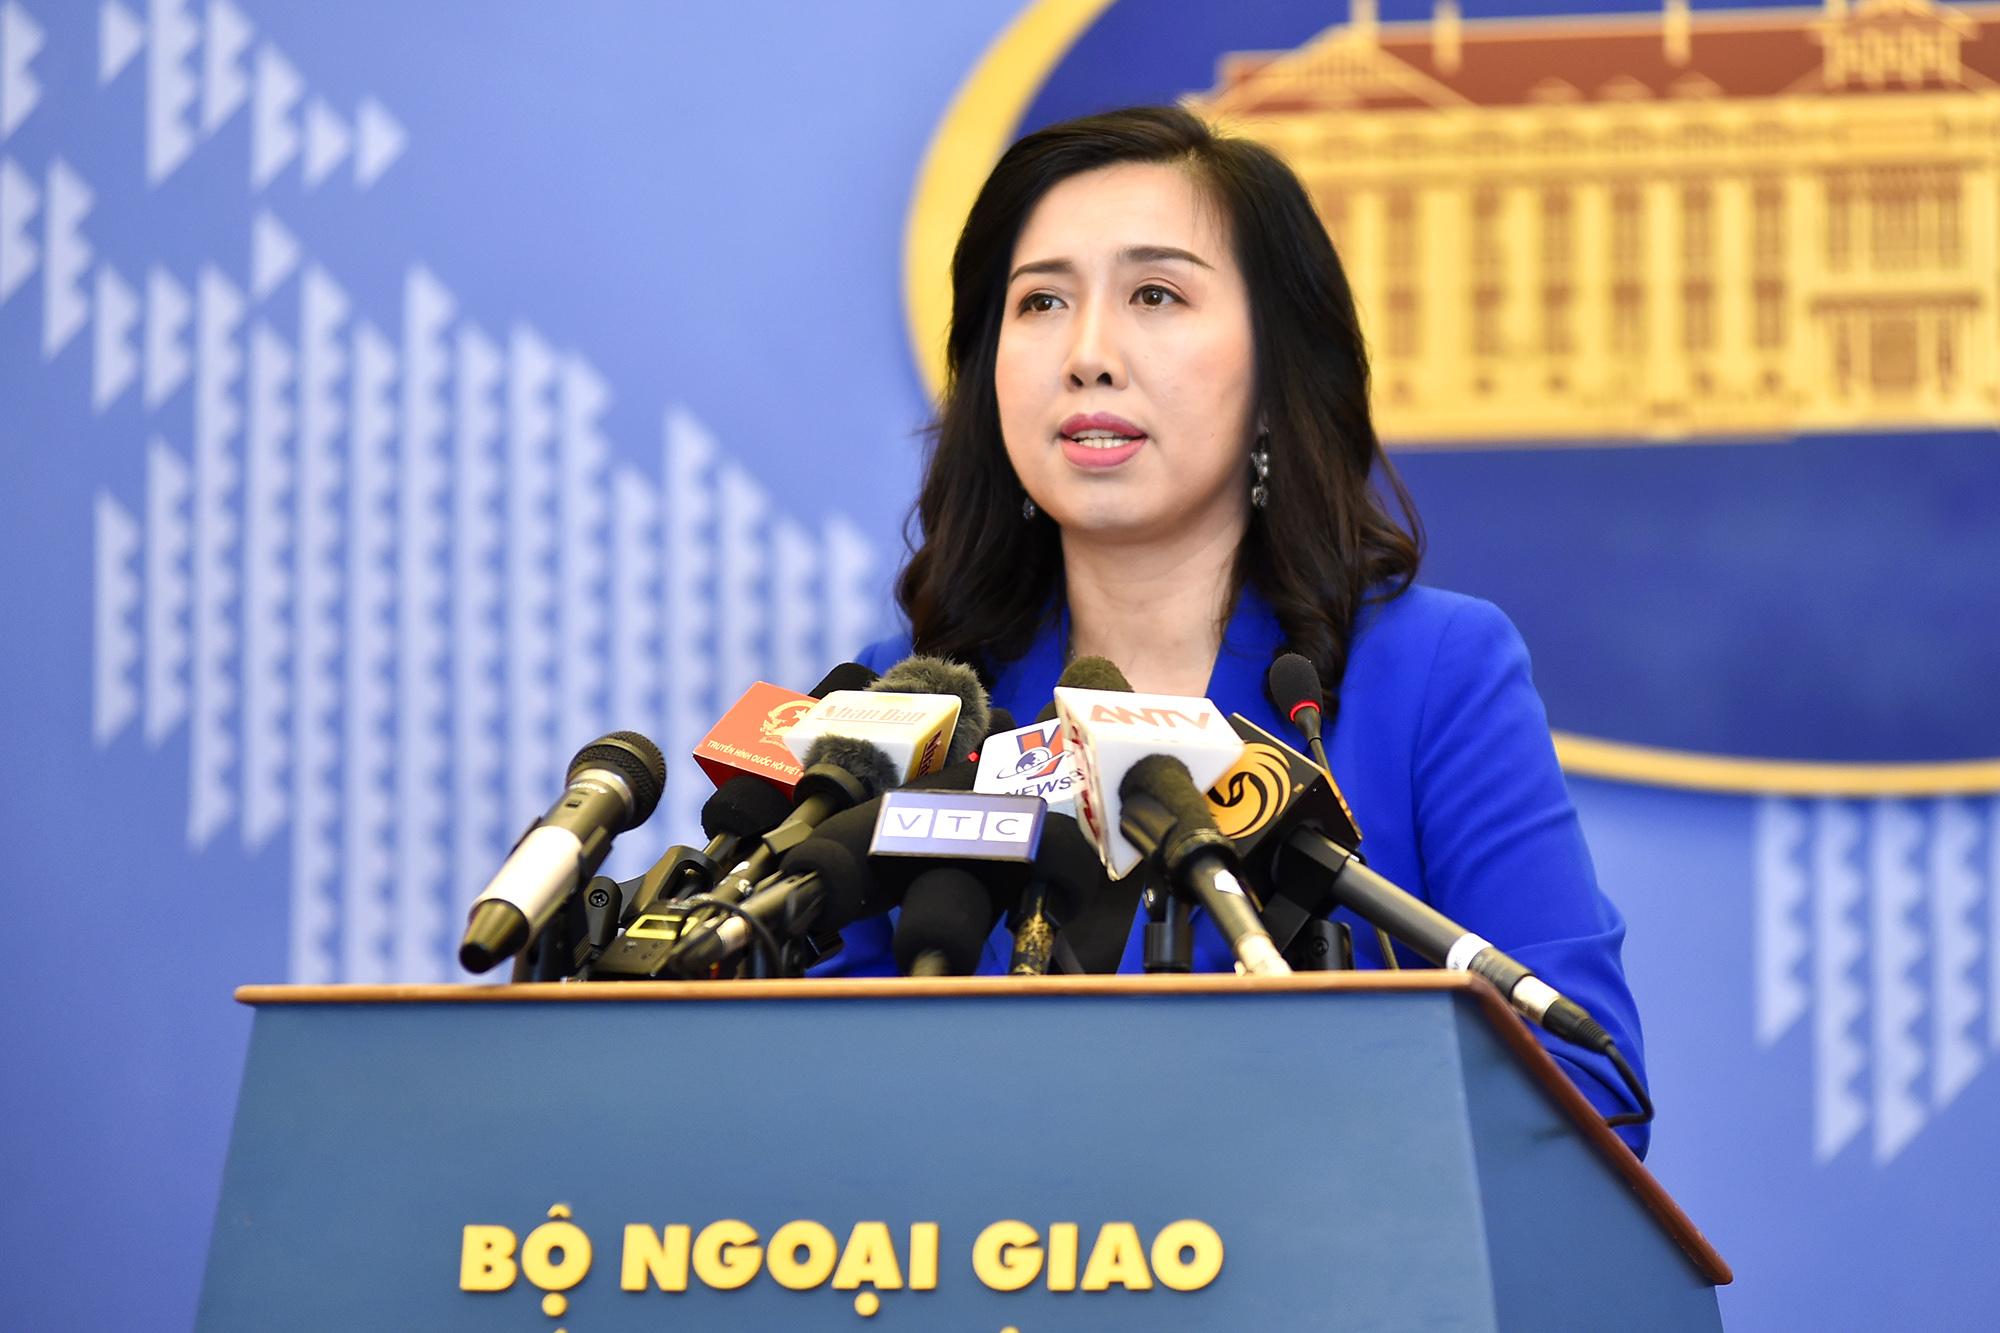 Việt Nam lên tiếng về việc tàu hải quân Hoa Kỳ đi qua khu vực quần đảo Trường Sa